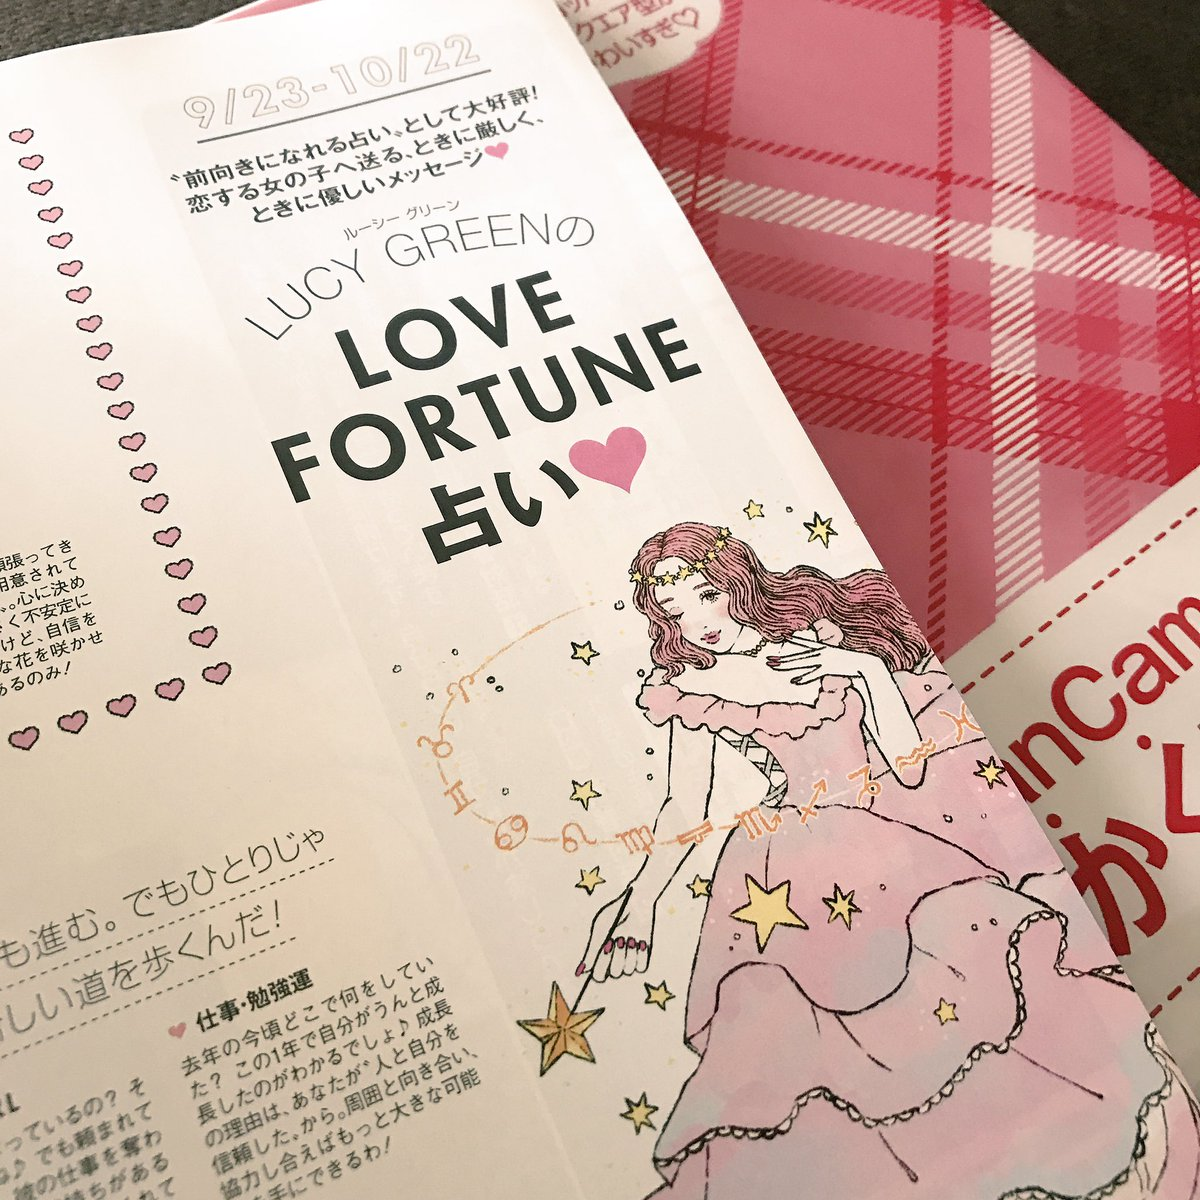 占い キャンキャン ドキドキ恋占いゲーム 本の通販